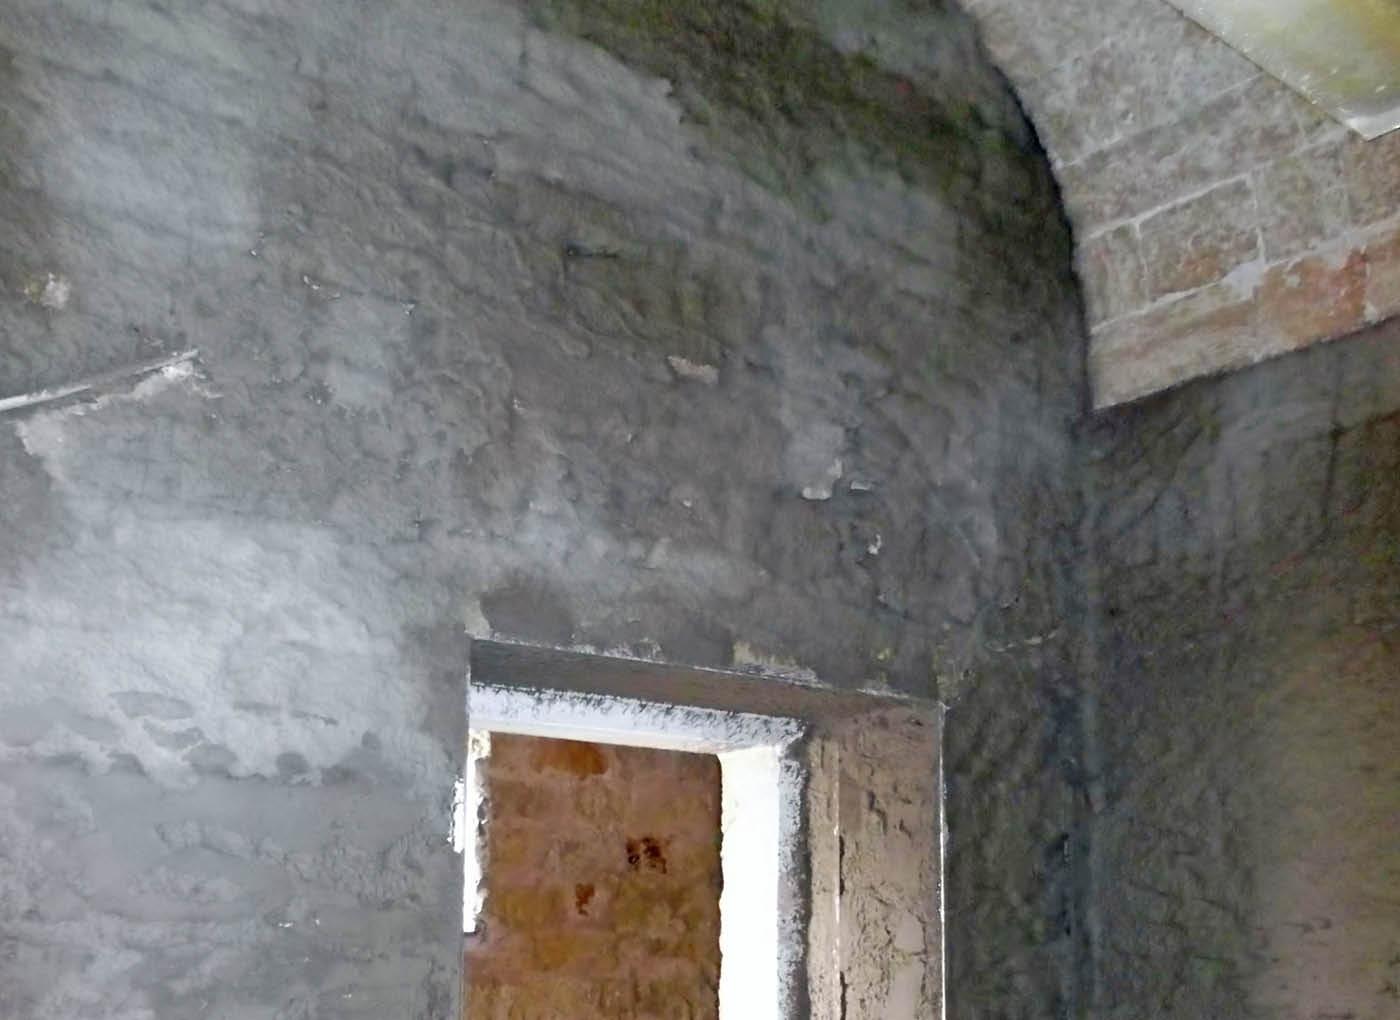 convento-padri-carmelitani-presicce-termointonaco-laterlite-7